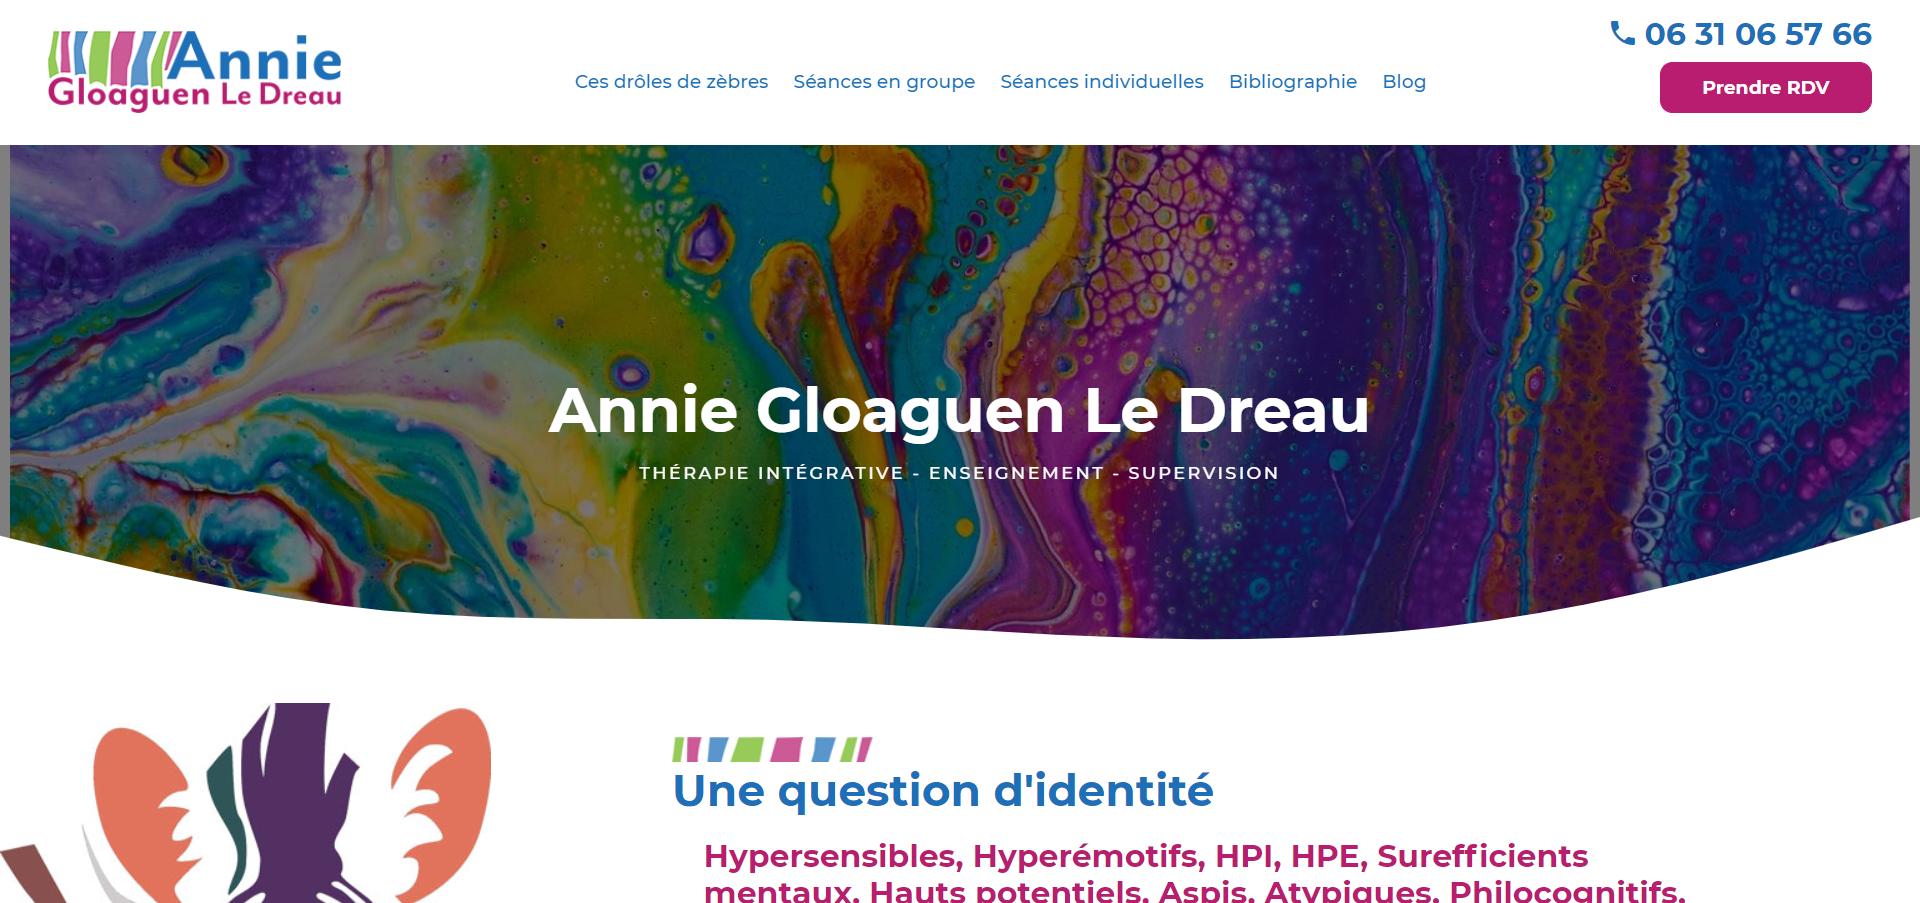 Annie Gloaguen Le Dreau psychothérapeute pour therapie intégrative